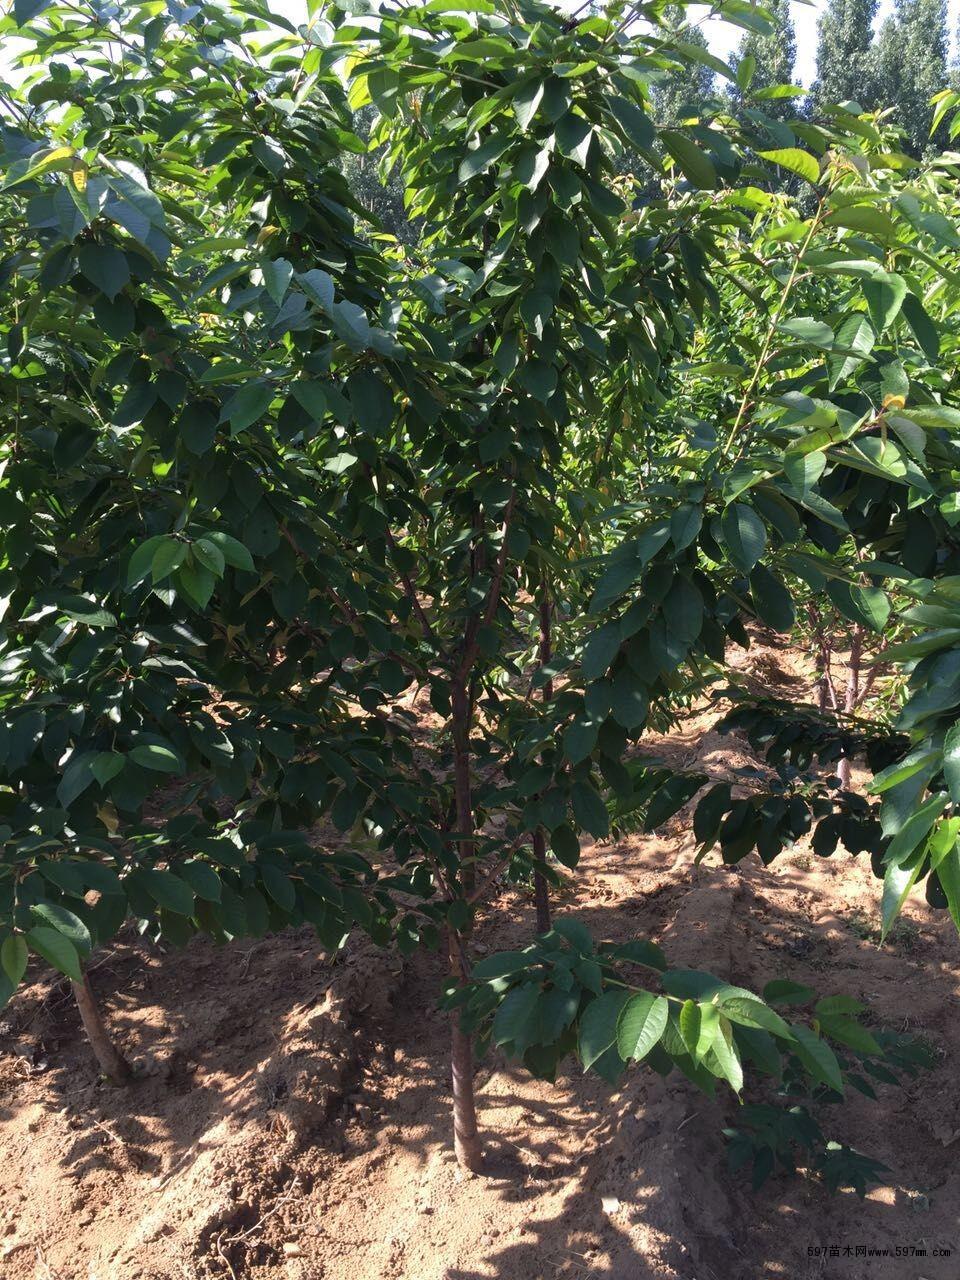 6公分樱桃苗,7公分樱桃树苗,8公分大樱桃树苗价格多少